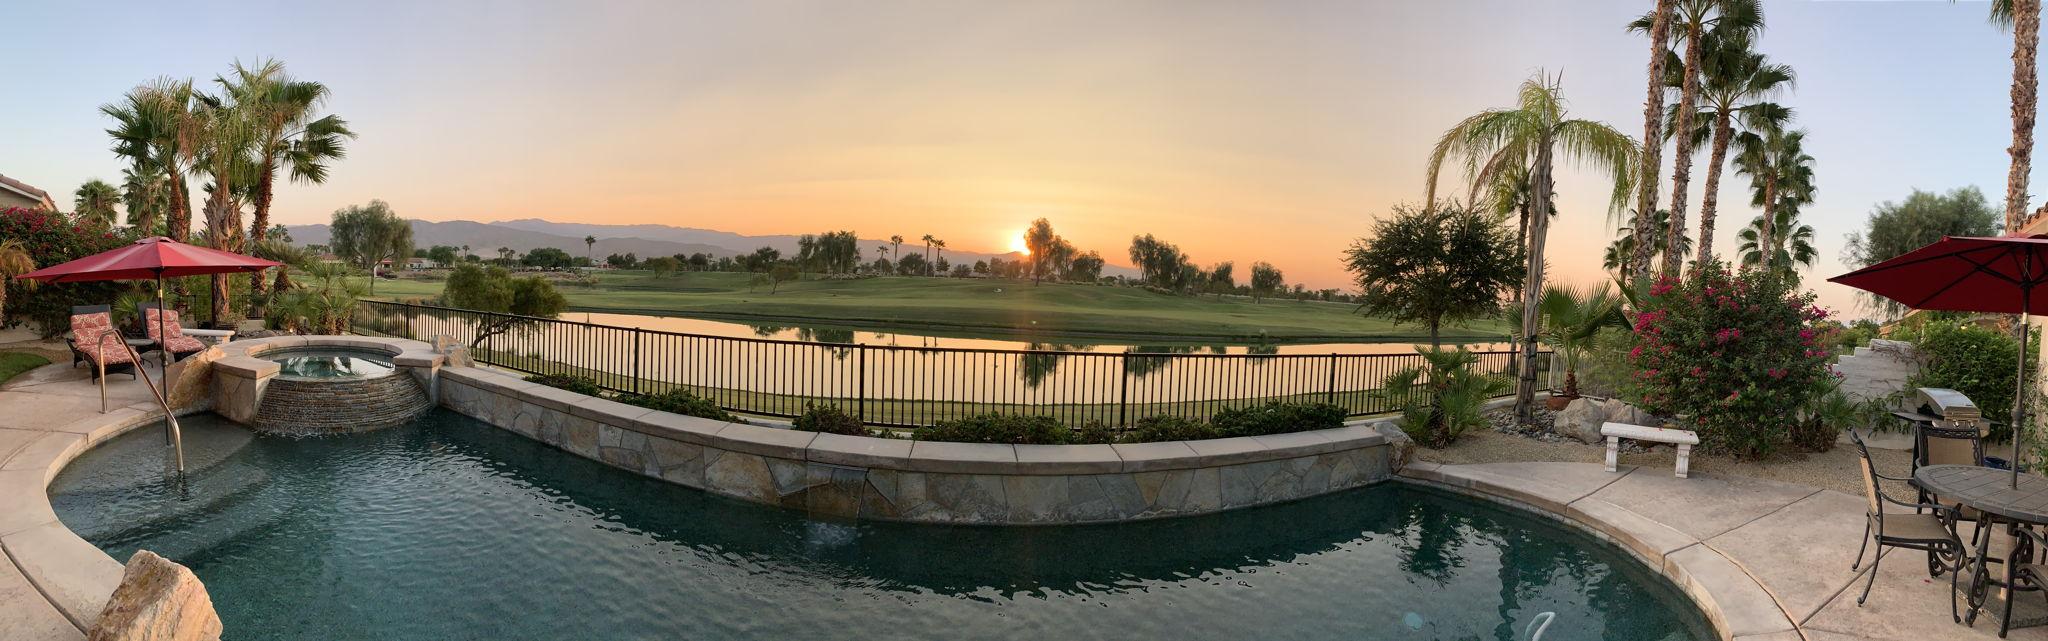 Epic Sunrises Every Morning!